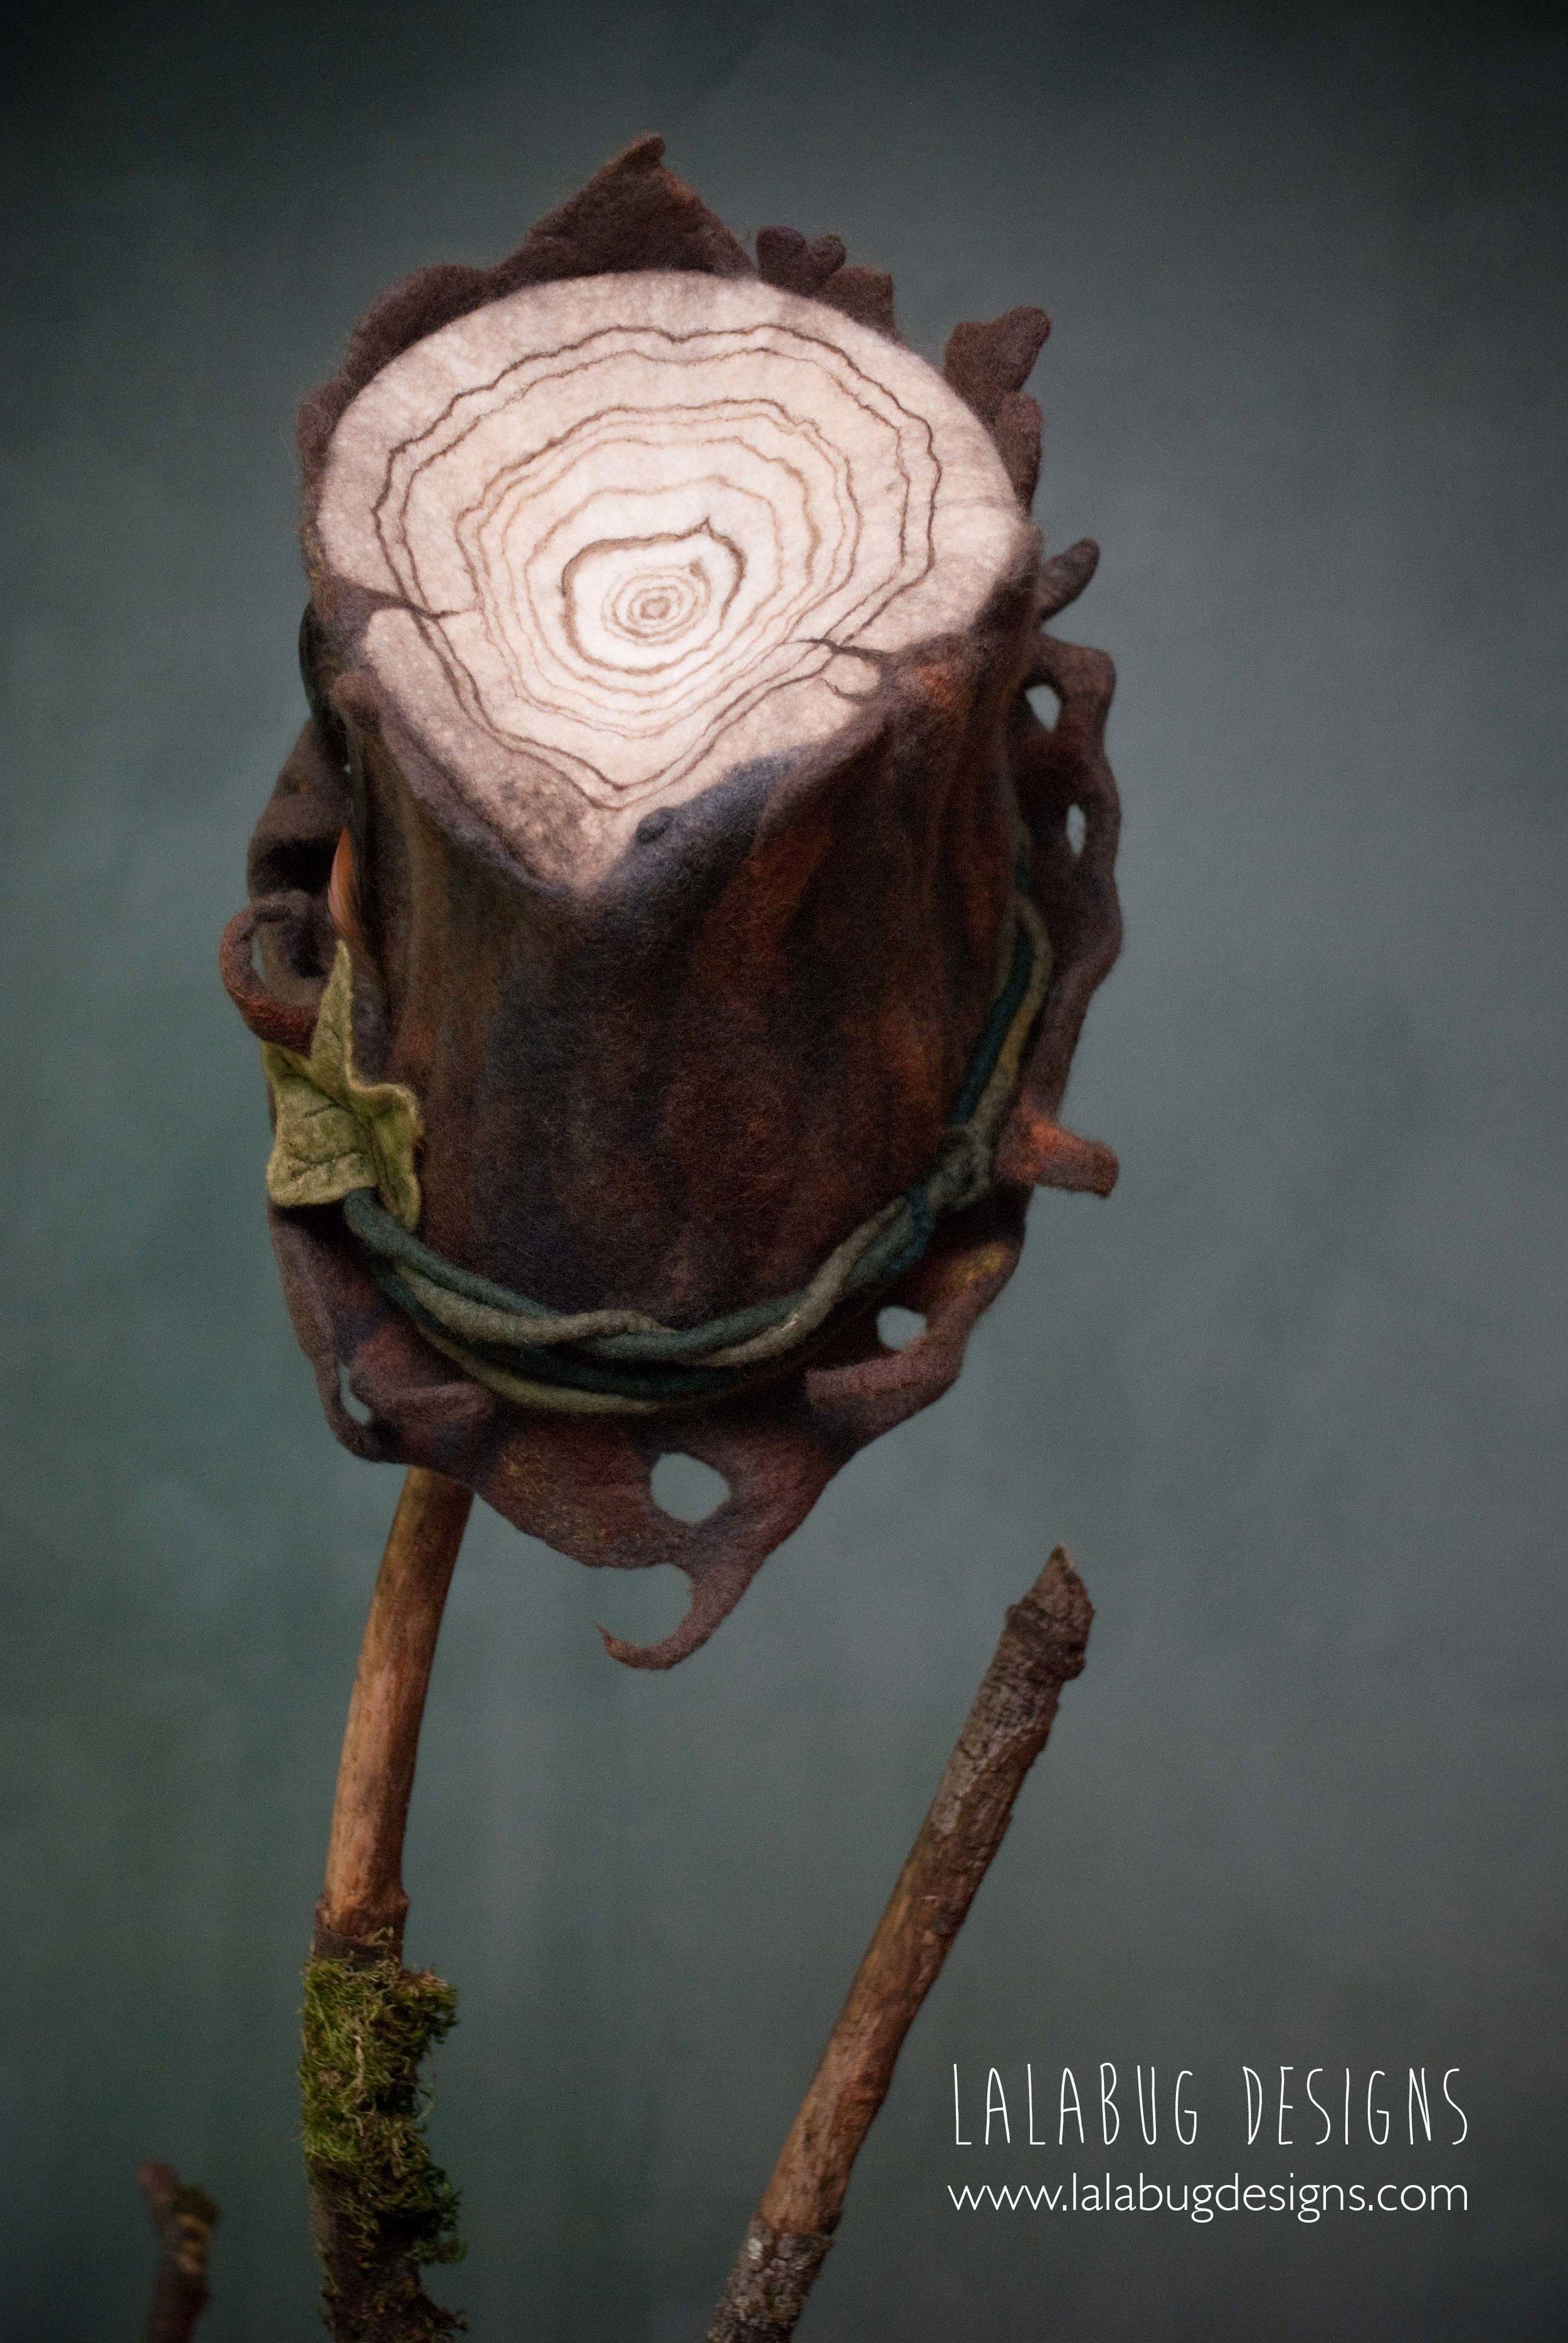 stumpacorn-1.jpg